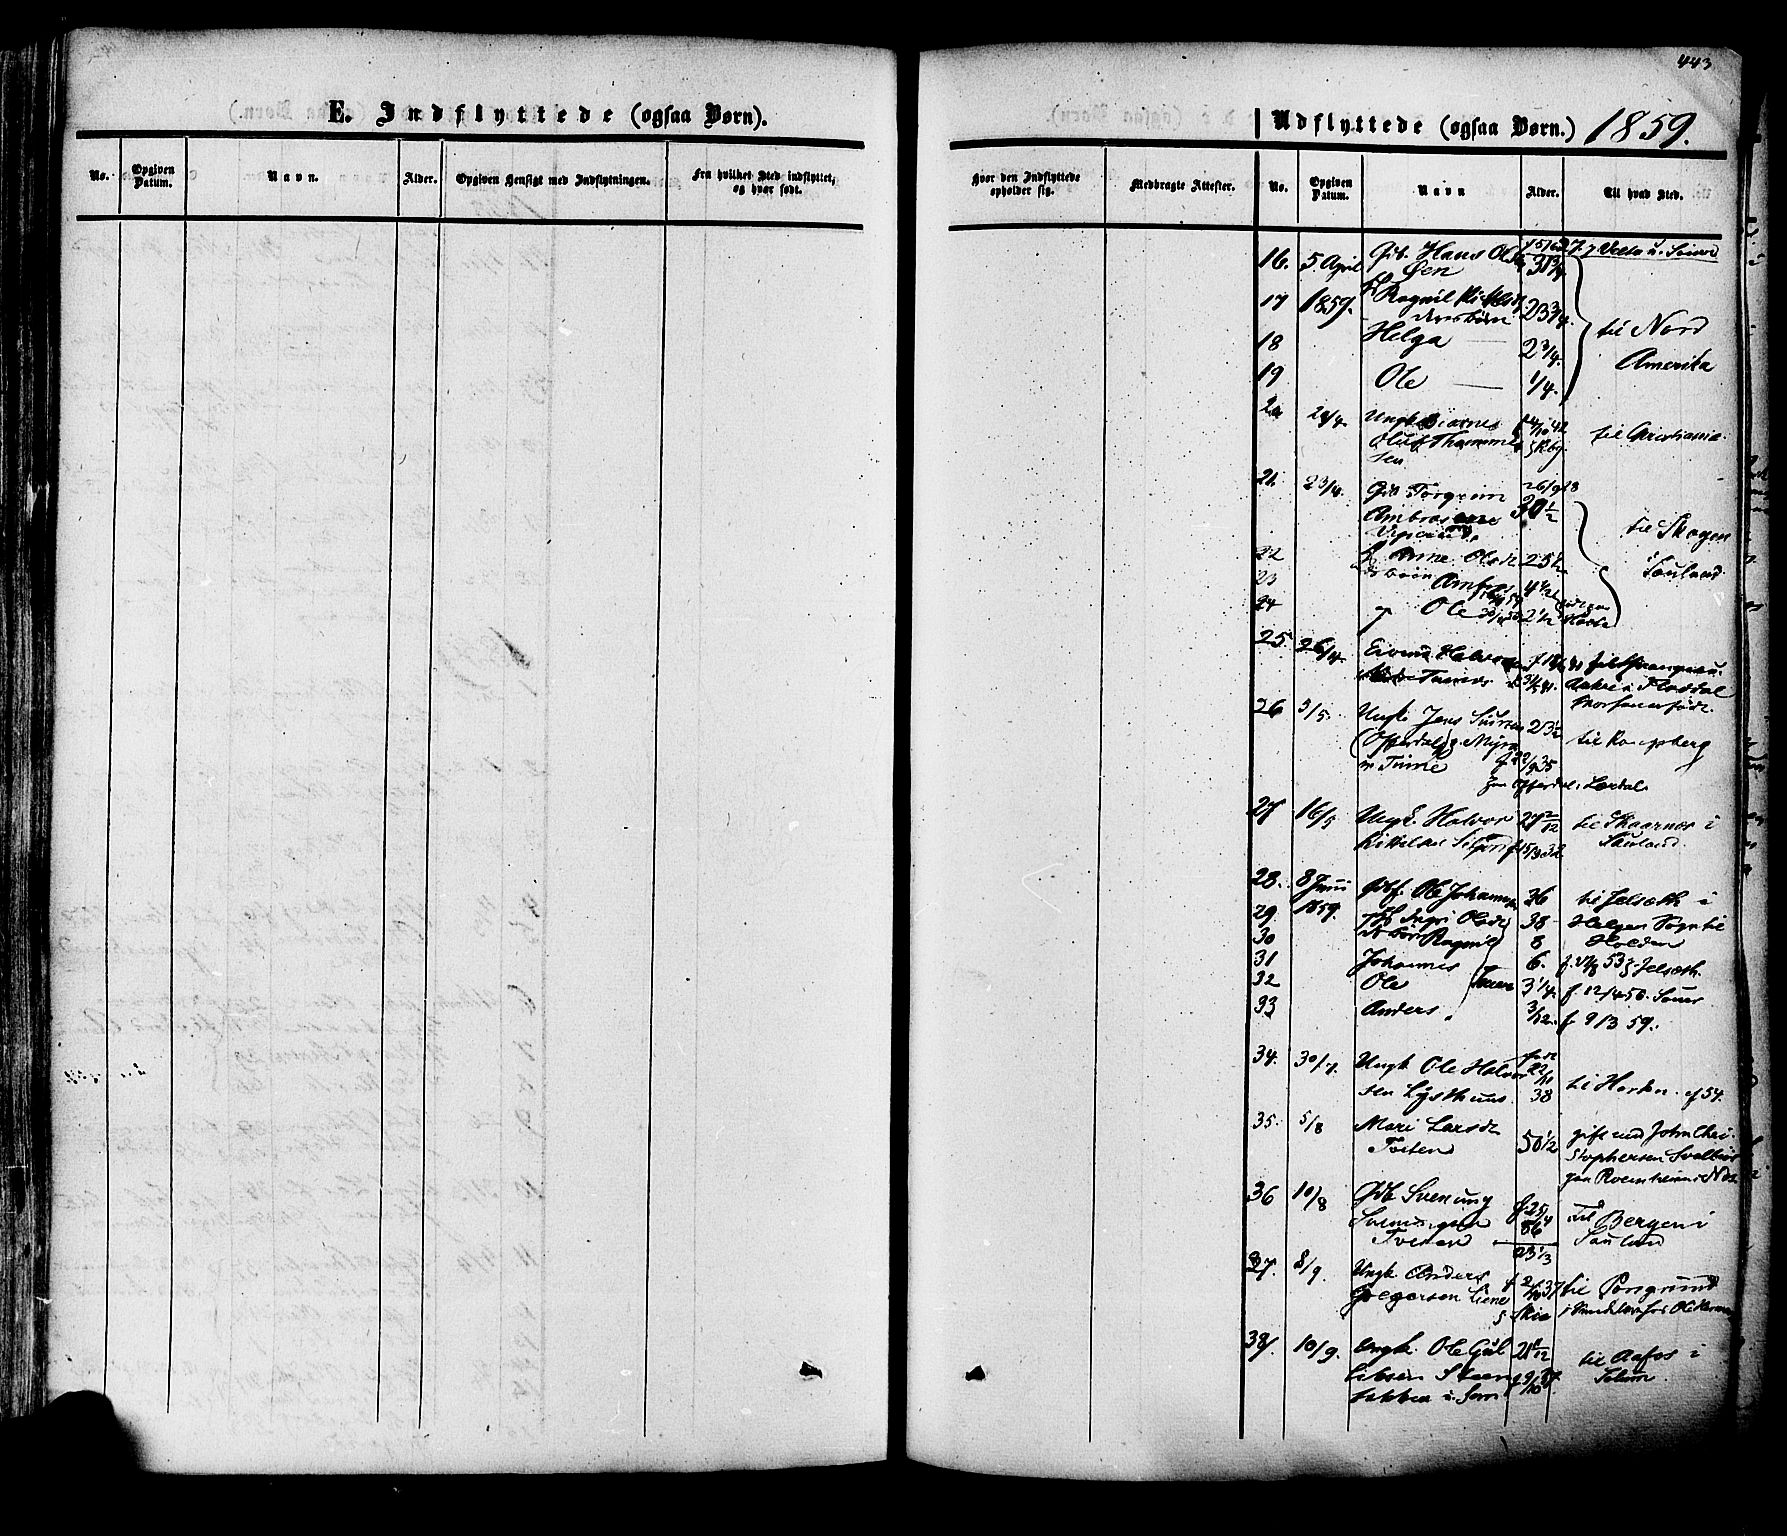 SAKO, Heddal kirkebøker, F/Fa/L0007: Ministerialbok nr. I 7, 1855-1877, s. 443